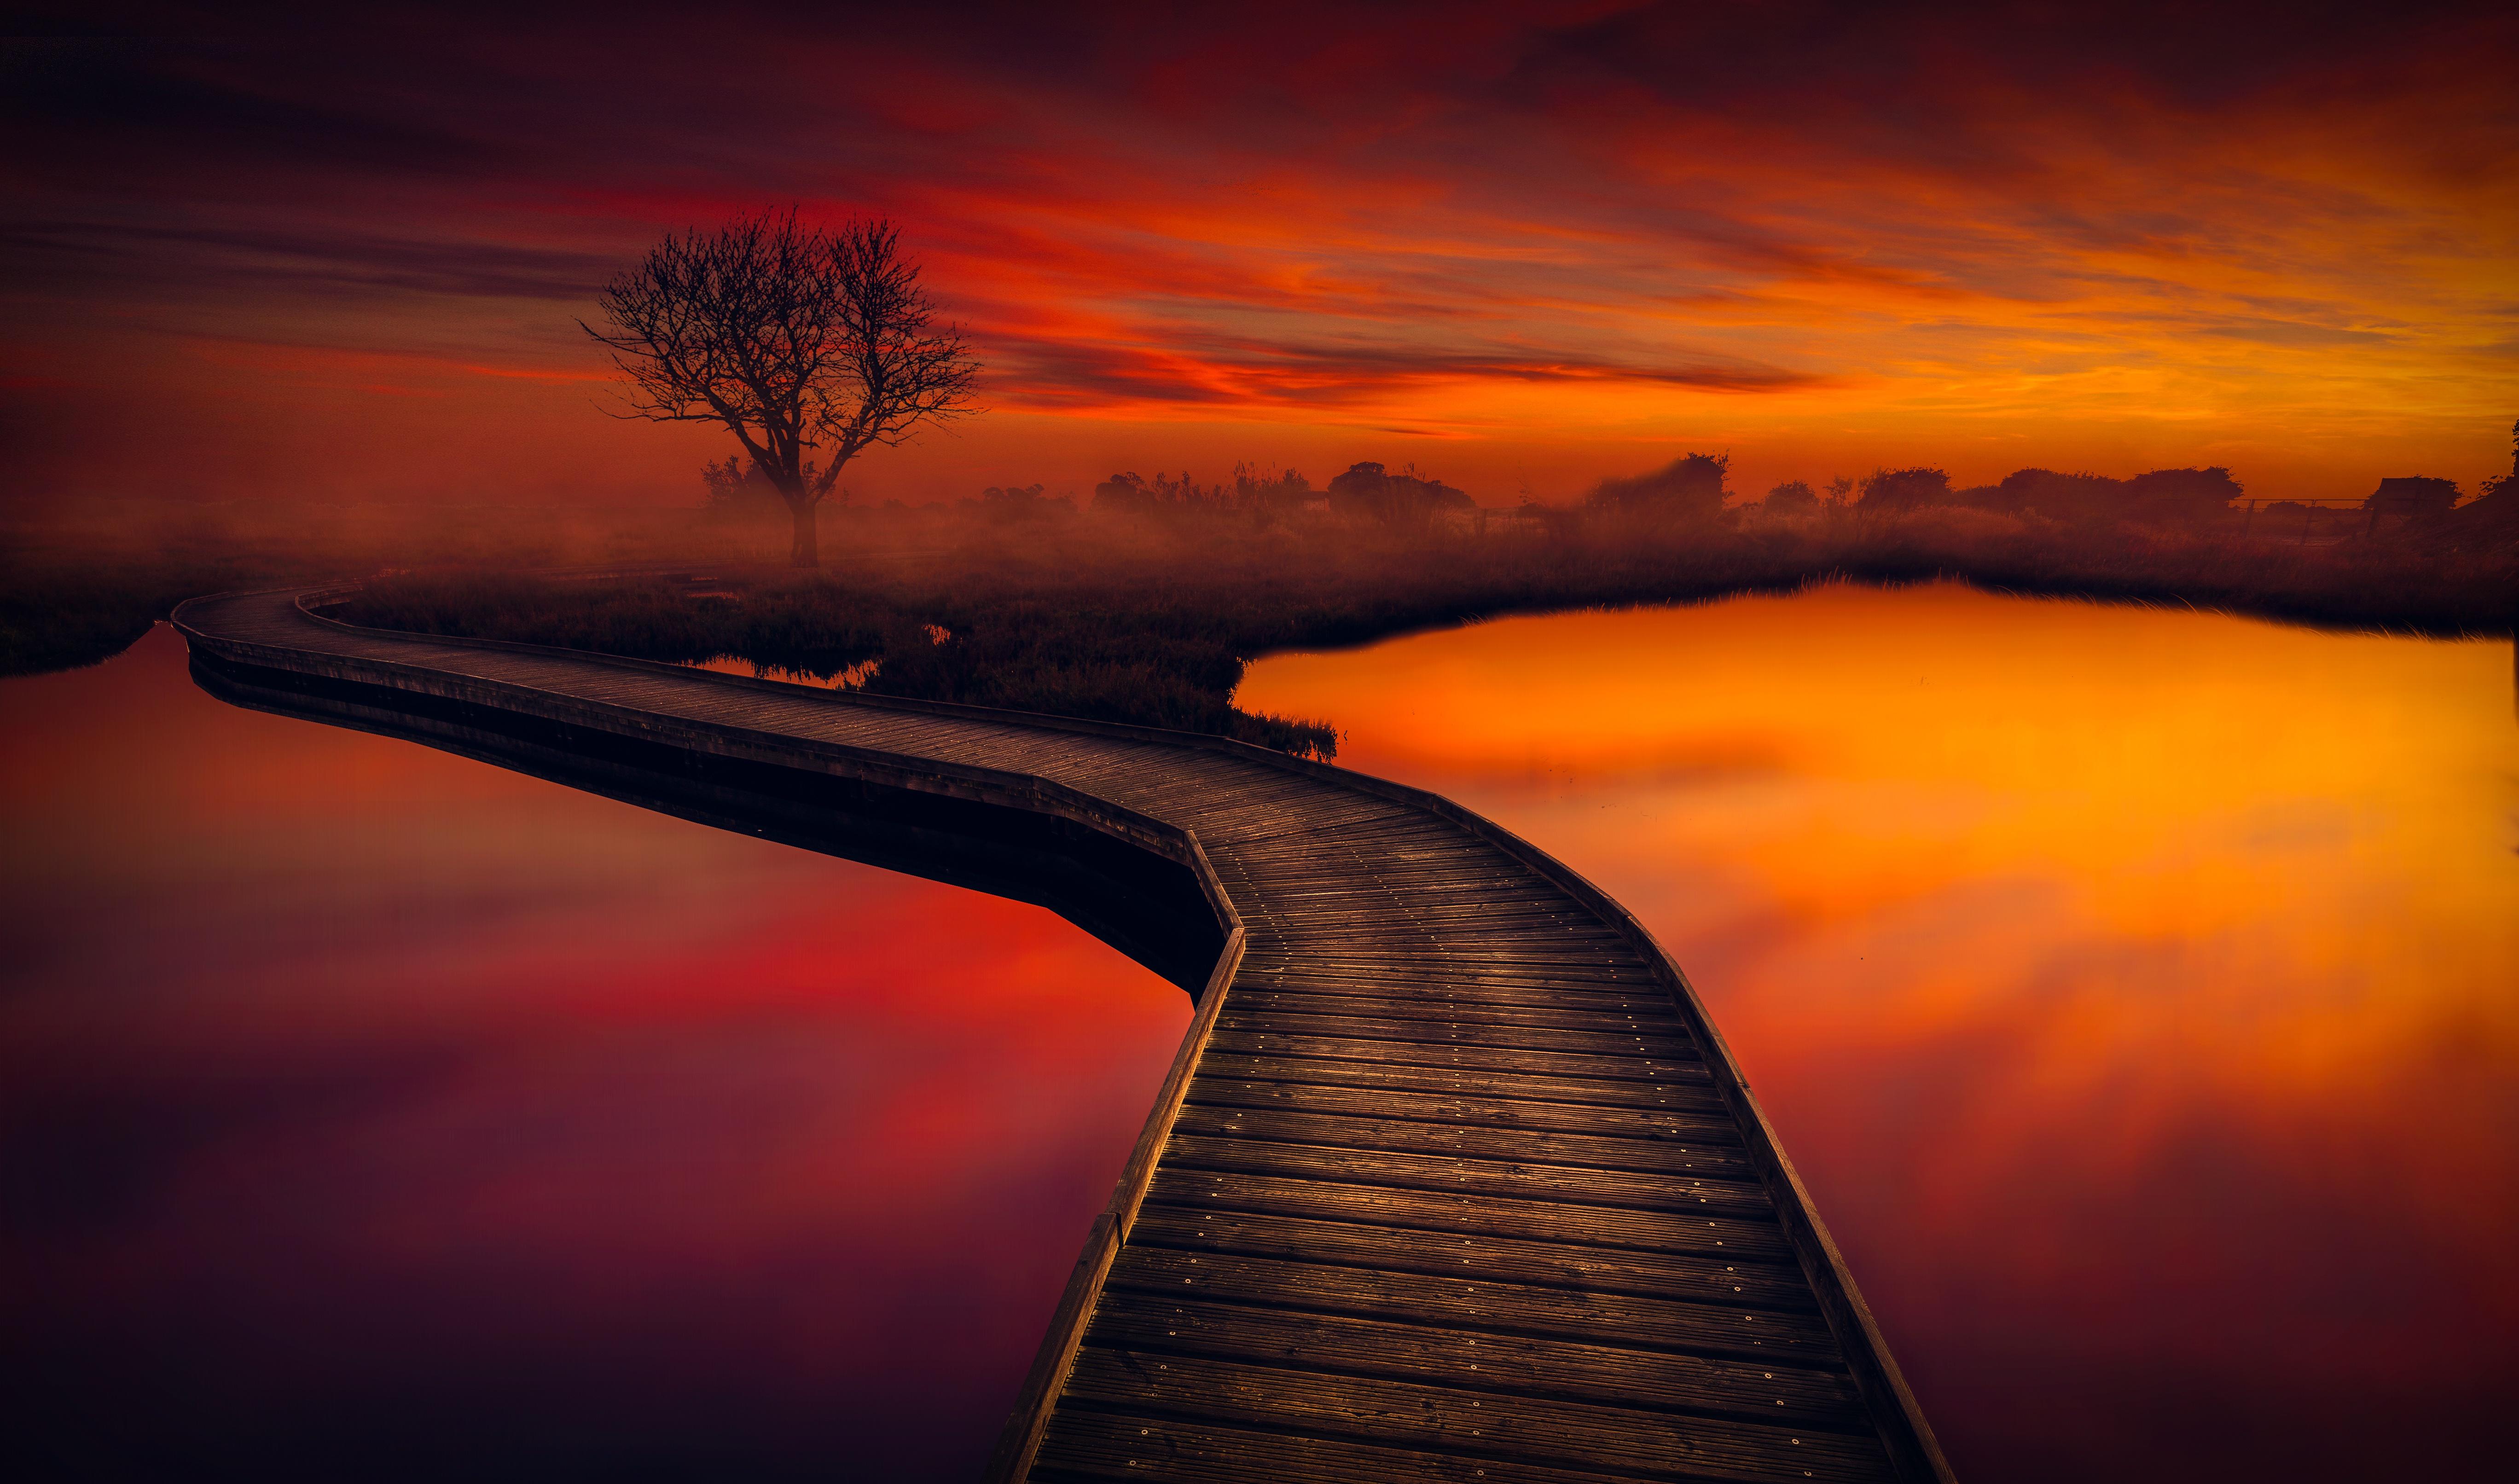 картинки на телефон мост с закатом давать мясо креветок